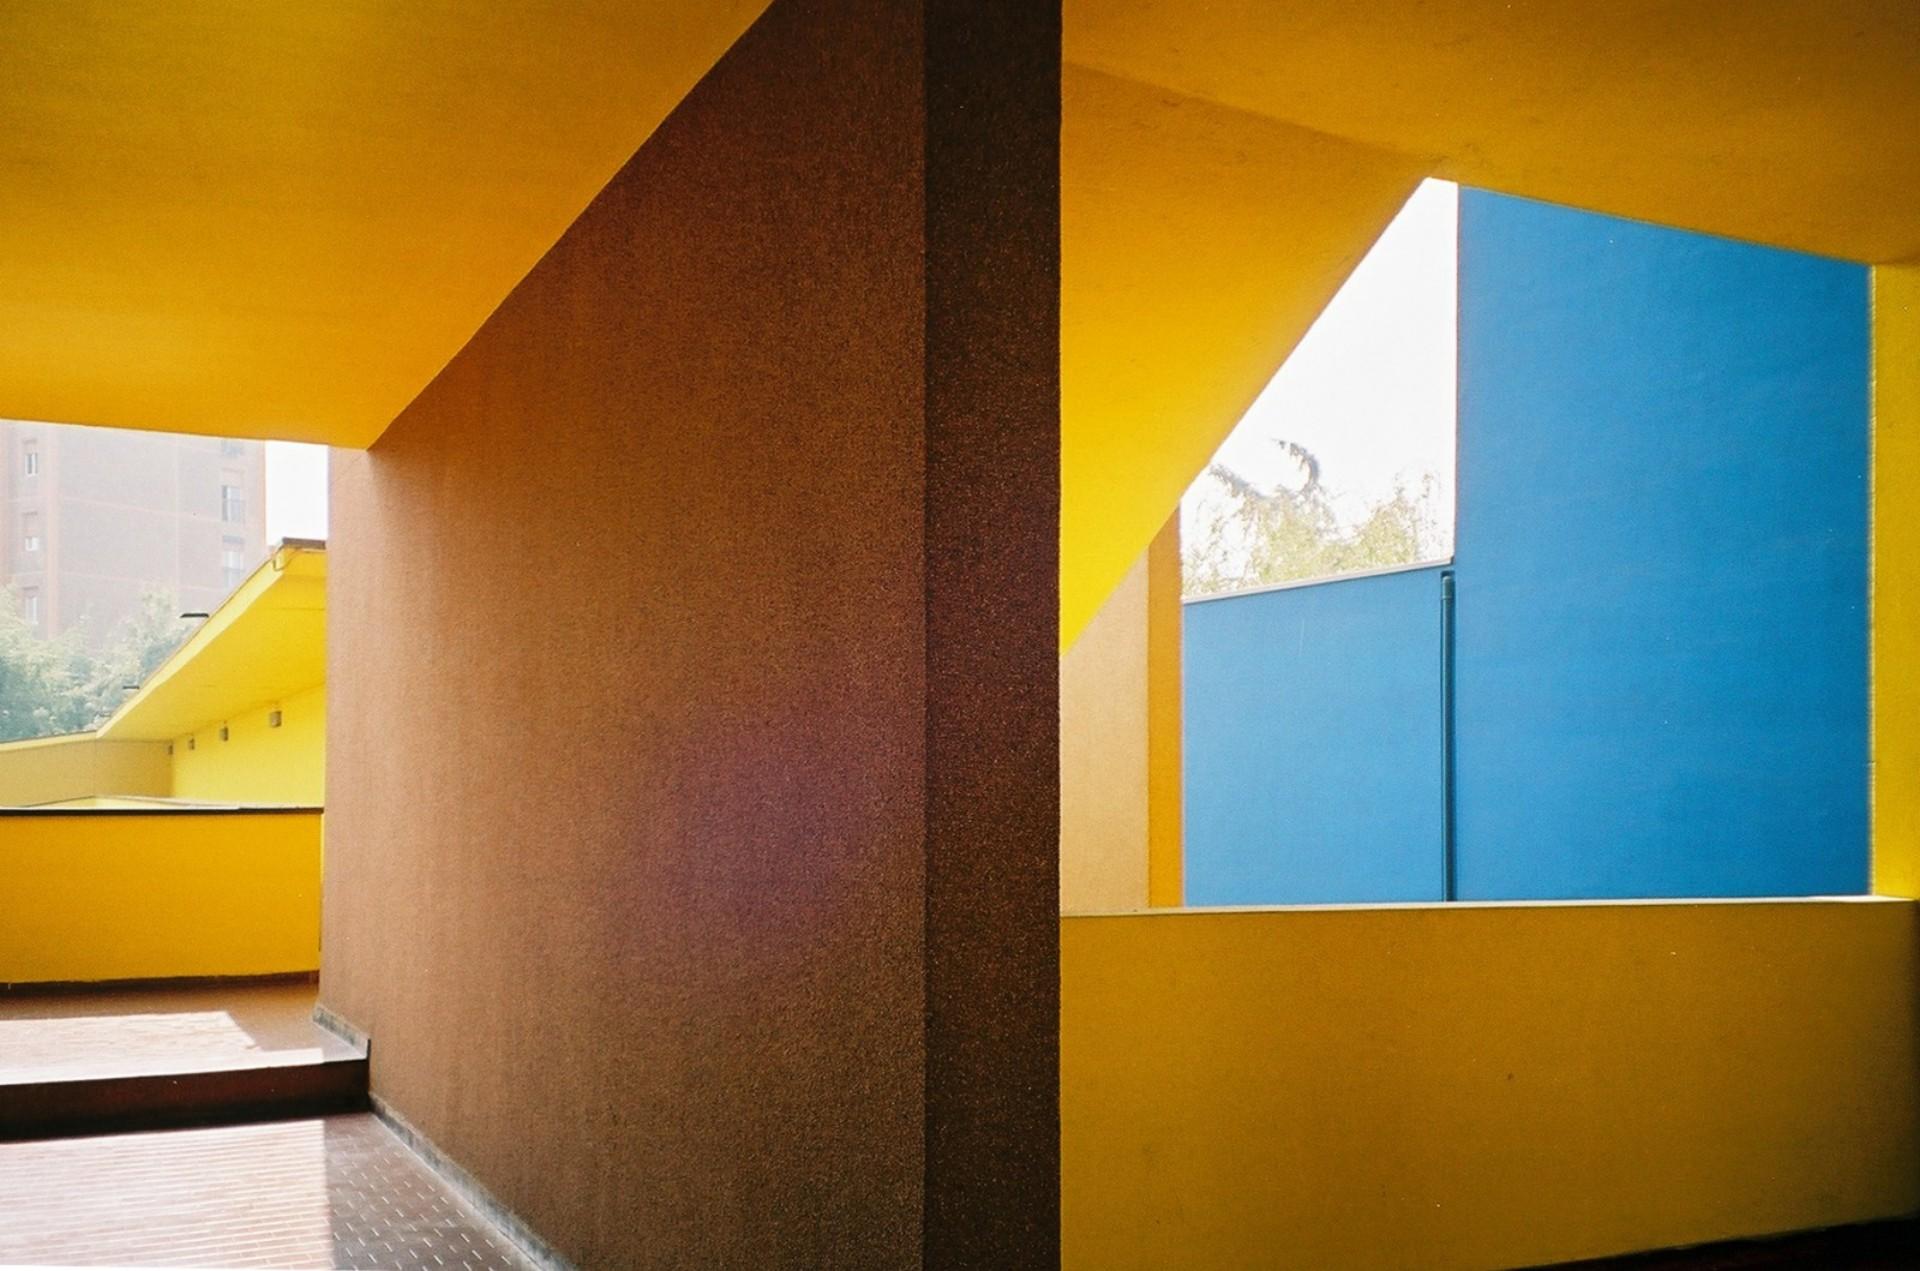 Yvonne Farrell and Shelley McNamara, Freespace, La Biennale di Venezia